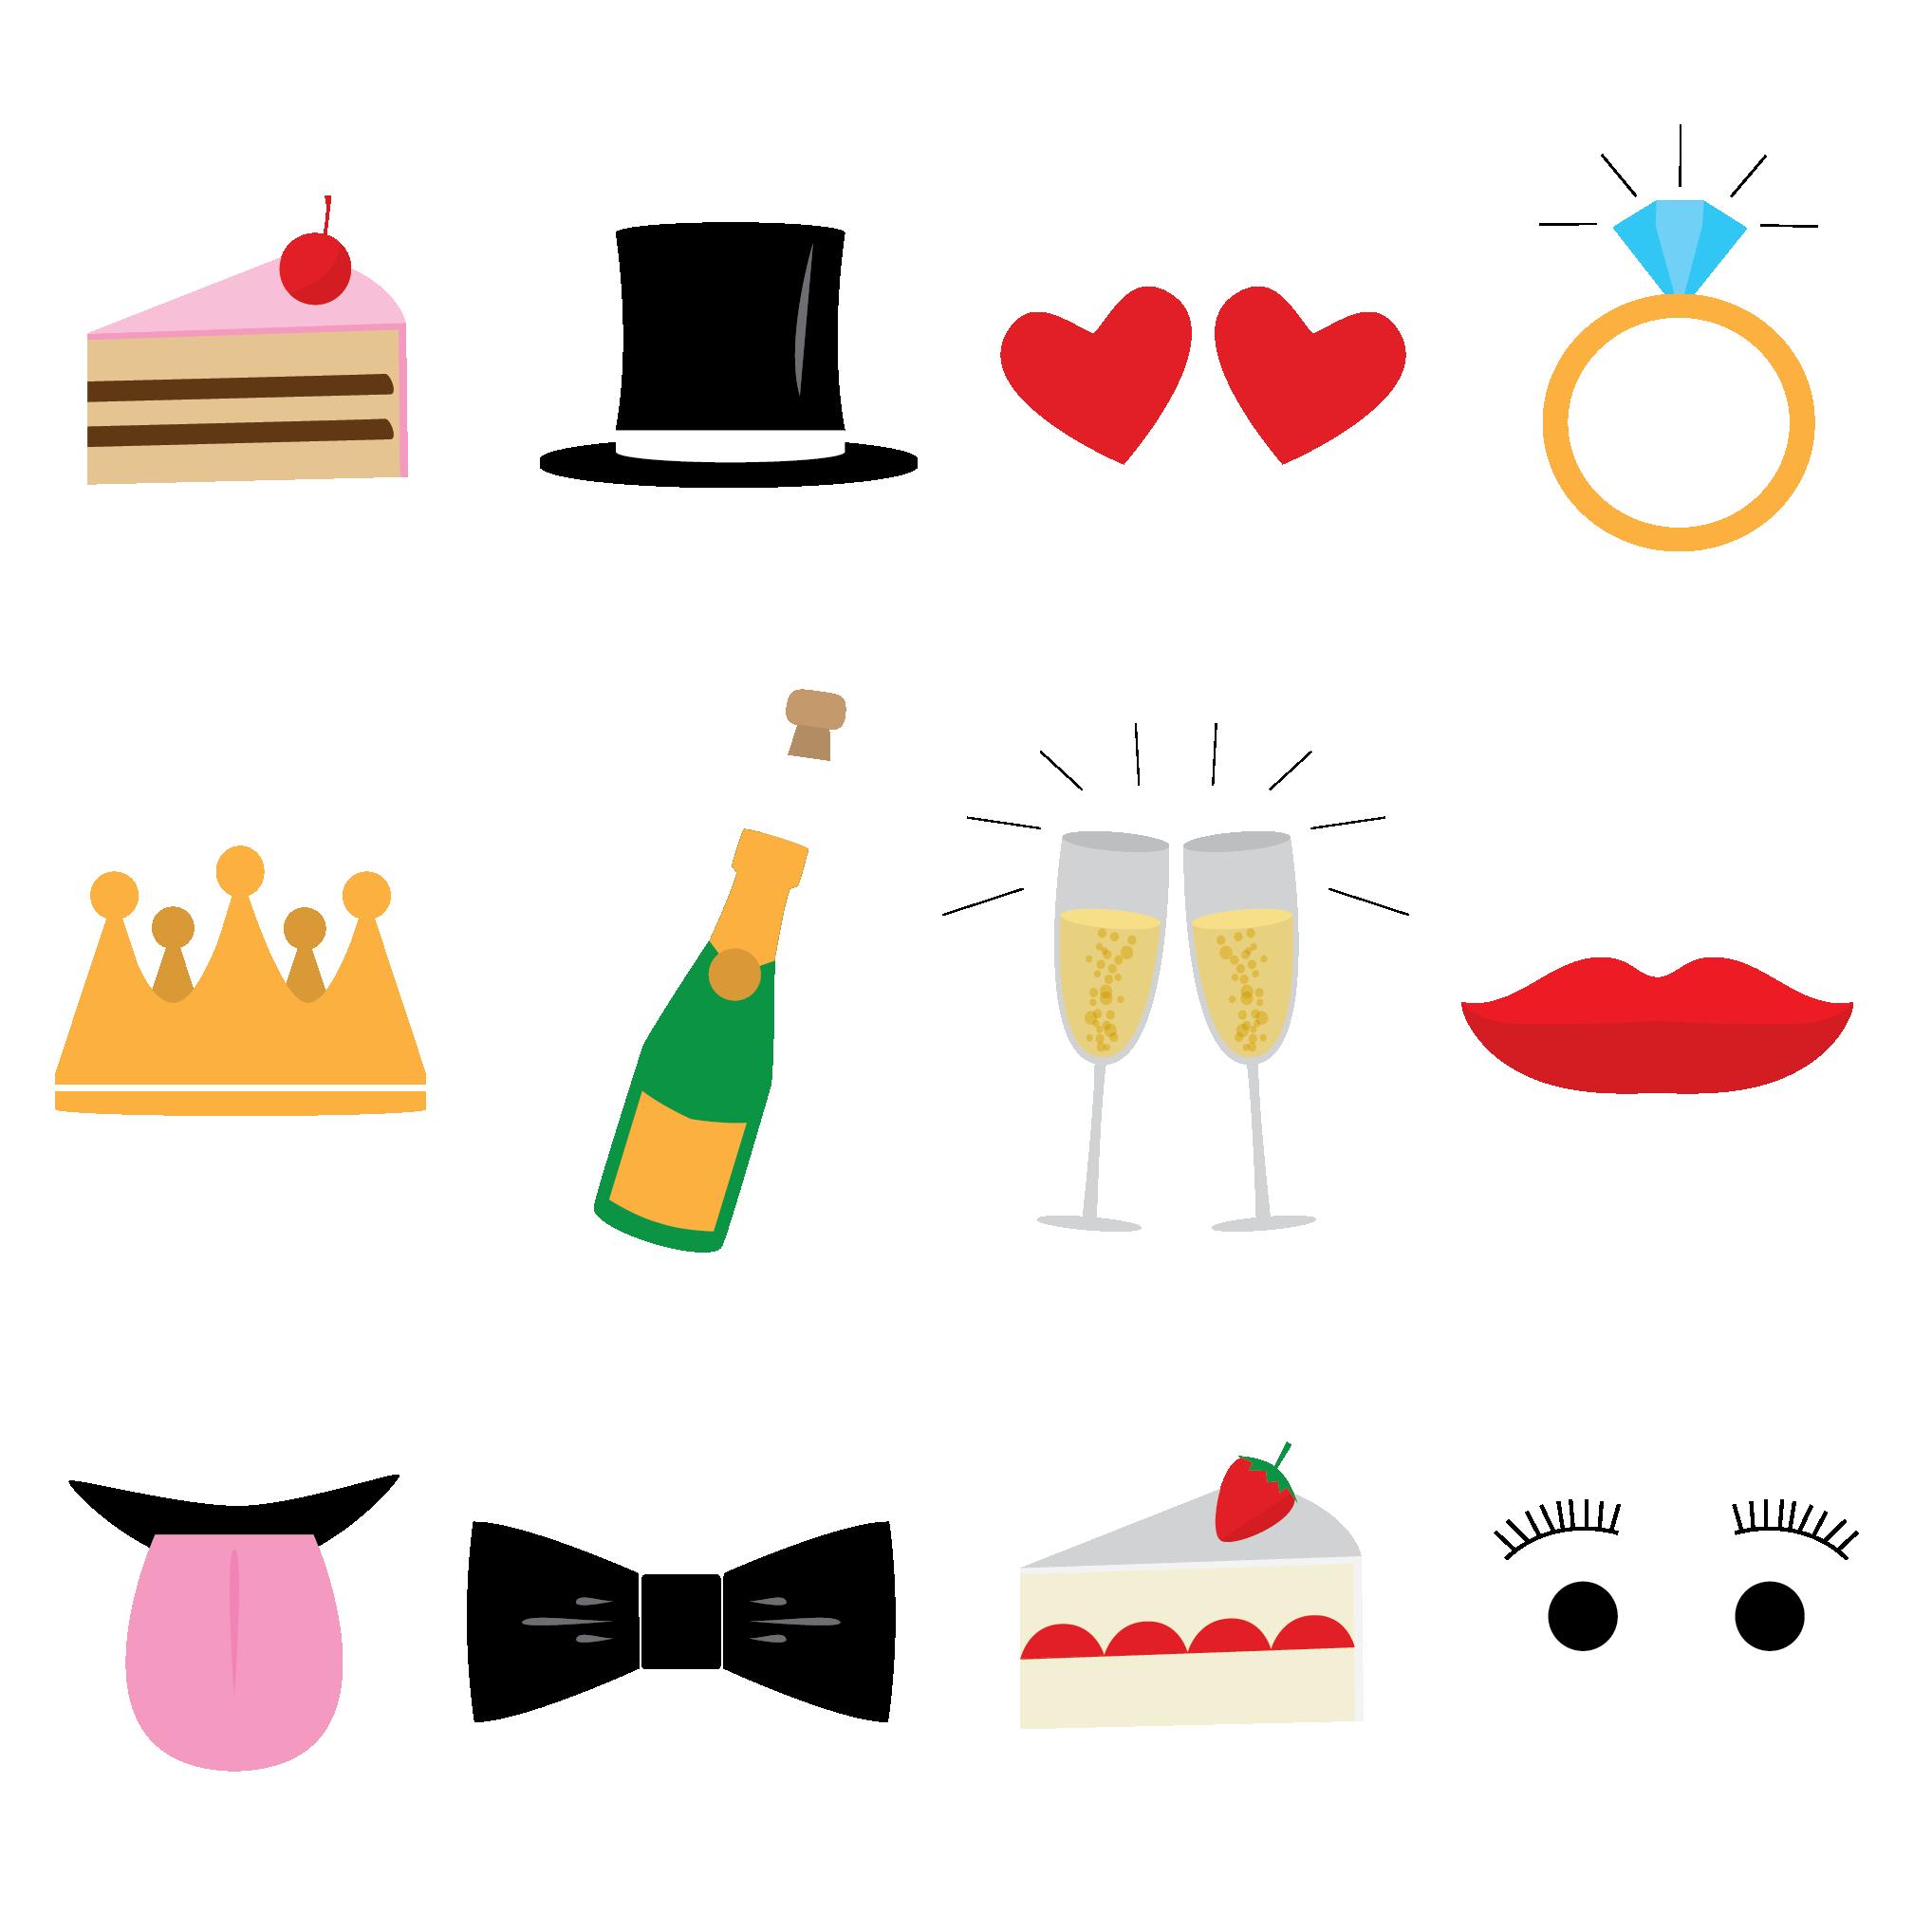 Emojis by Megan Hillman